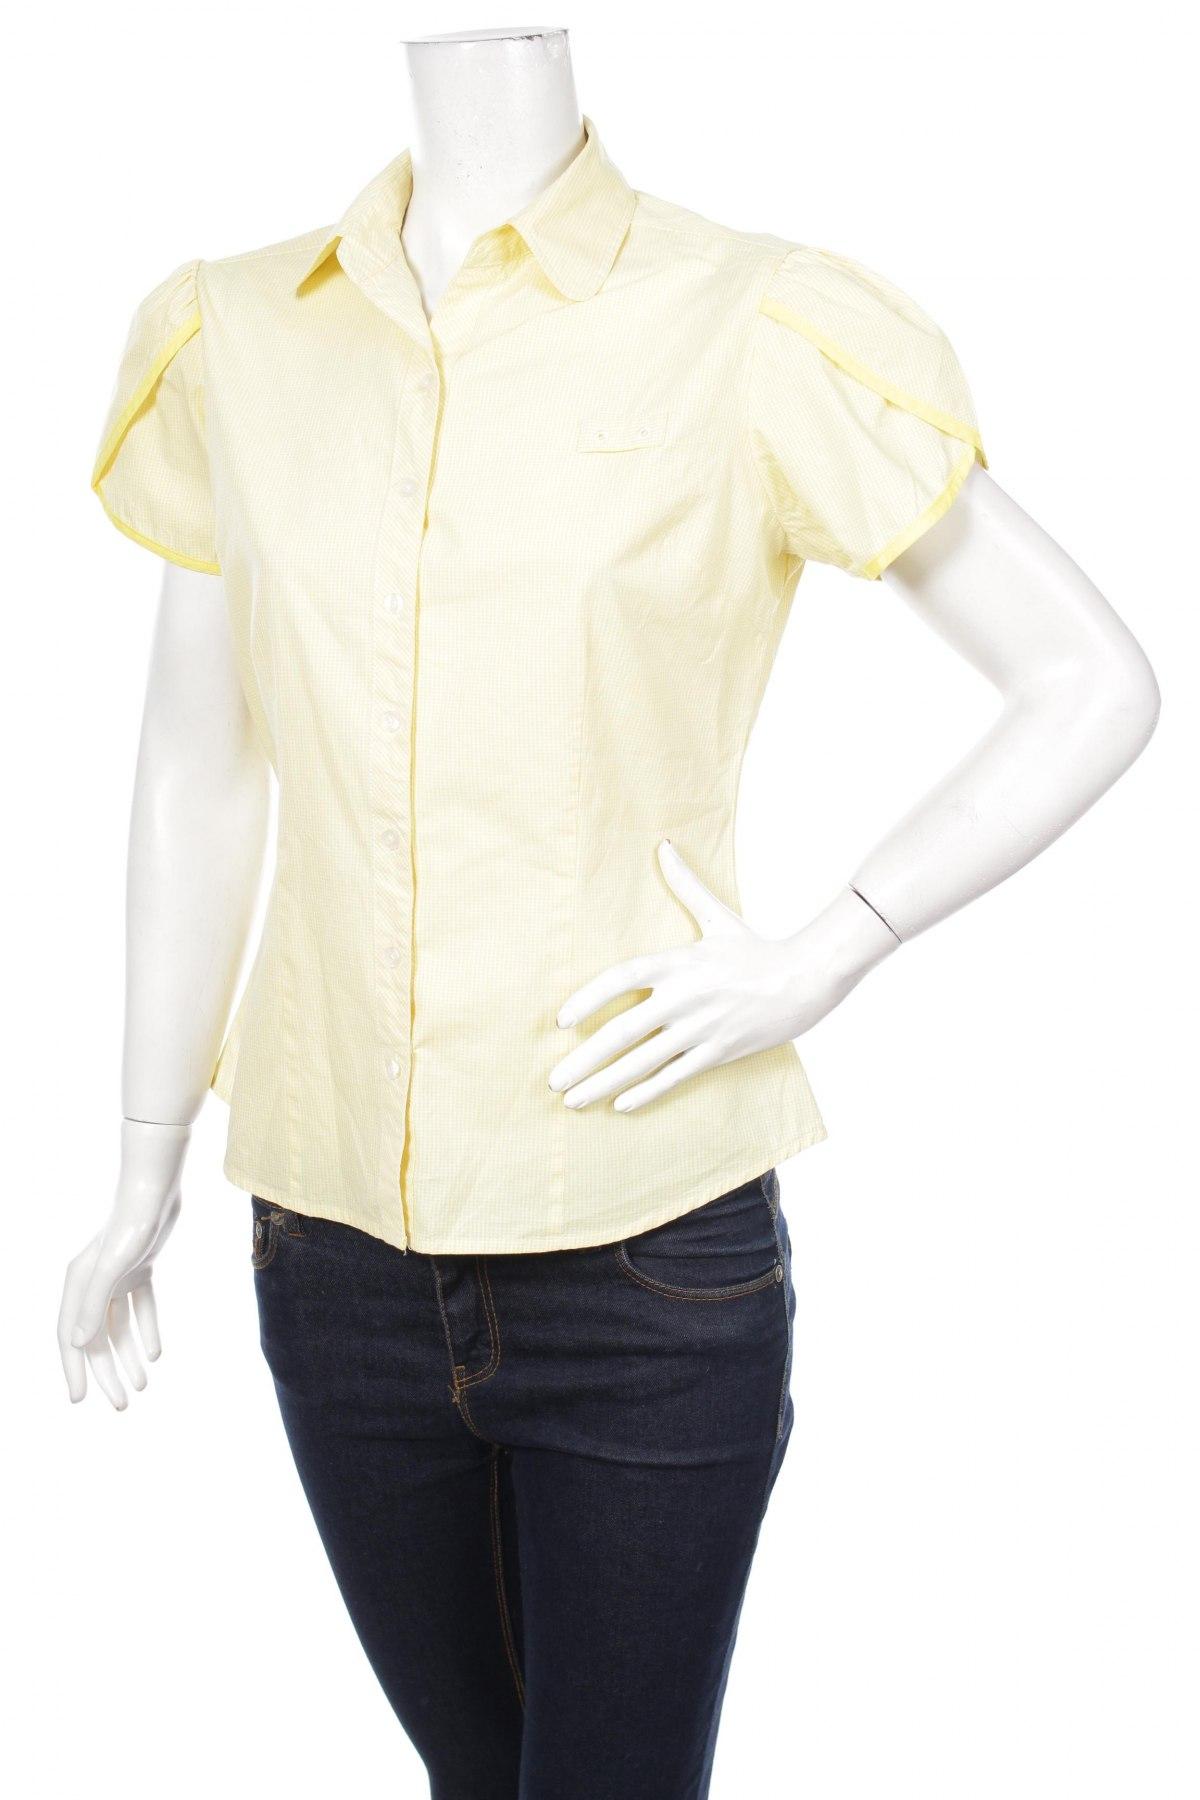 Γυναικείο πουκάμισο Incorporate wear